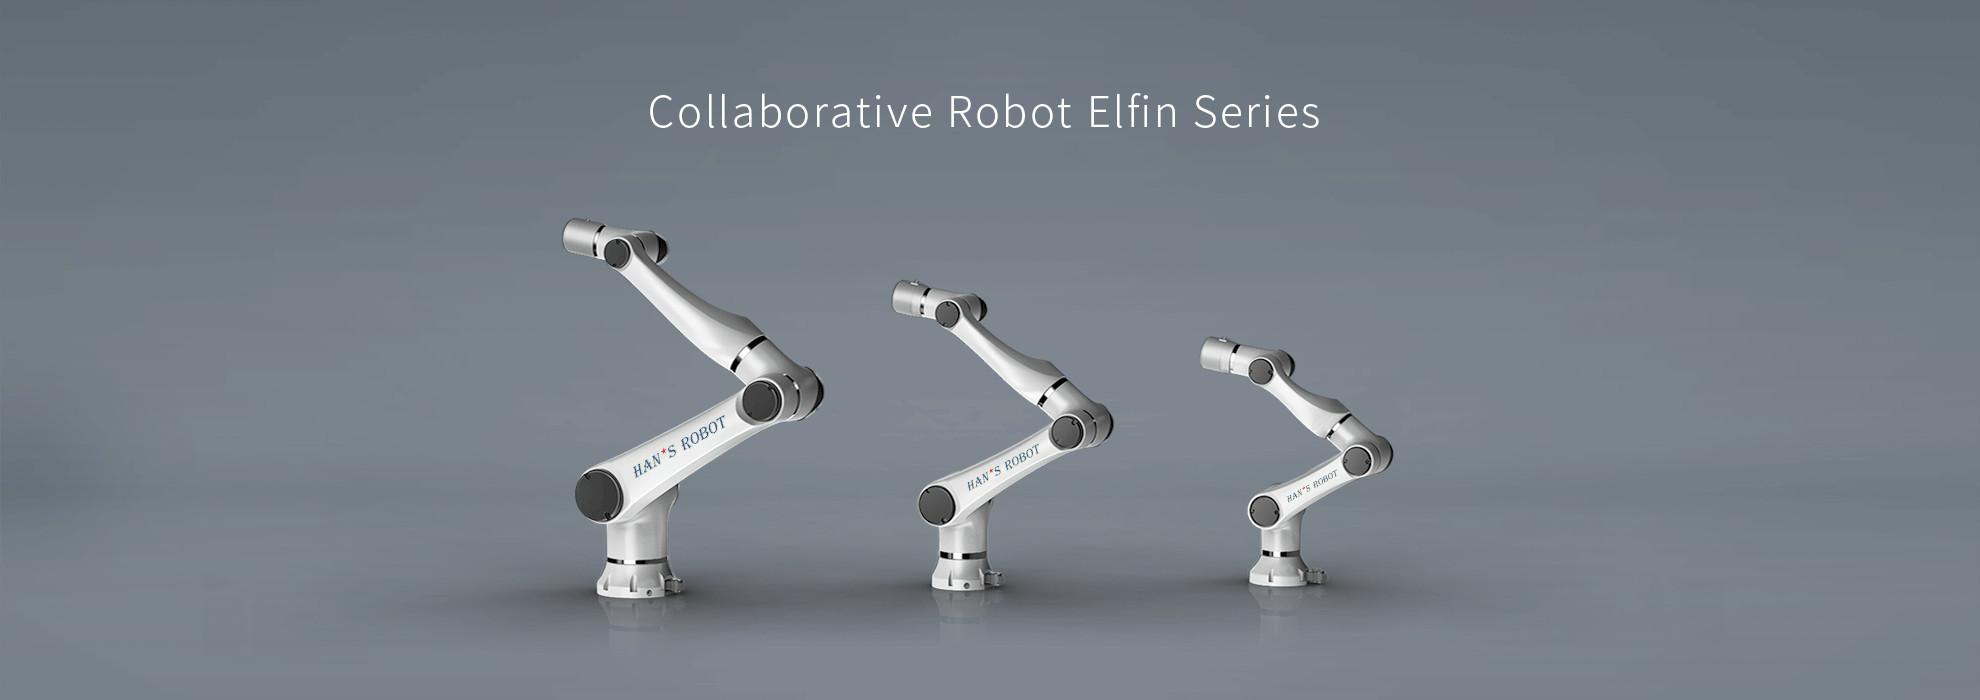 Hans_Robots_EU-Elfin